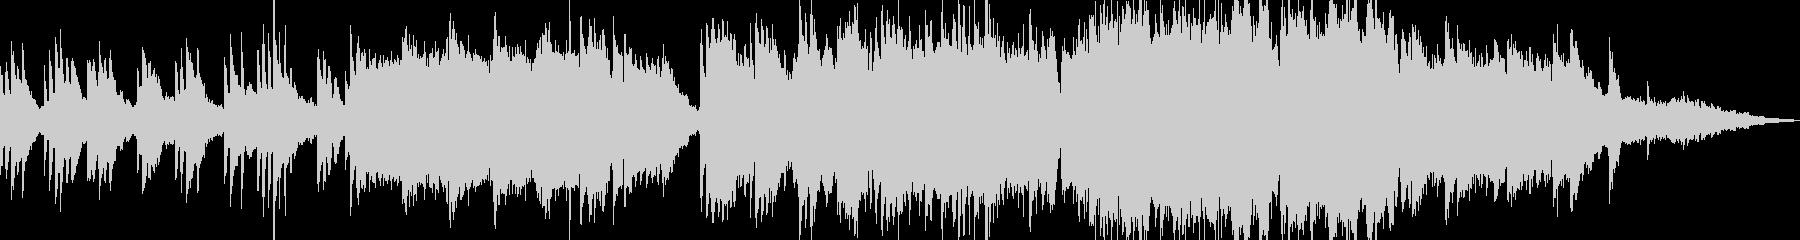 【ドラム無し】バラード・ピアノ・透明感の未再生の波形